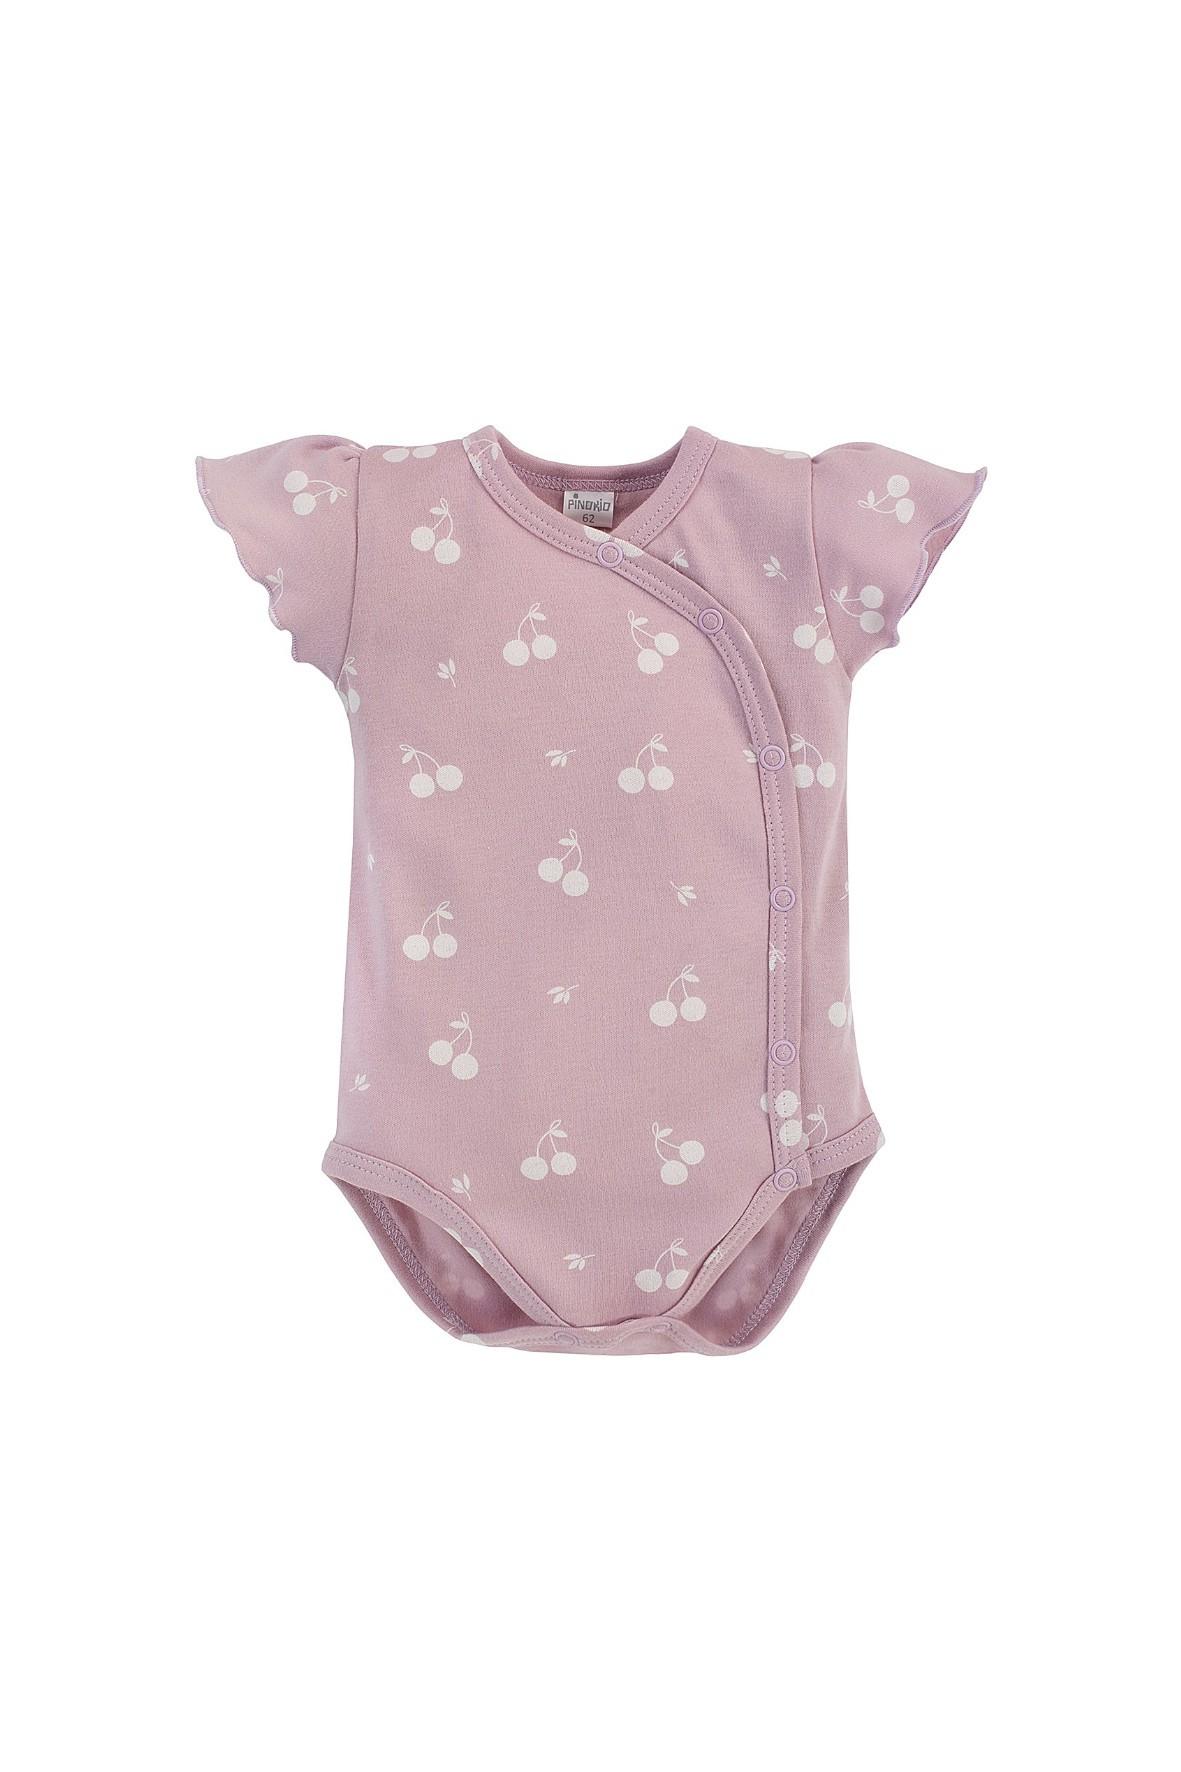 Bawełniane różowe body niemowlęce z krótkim rękawem